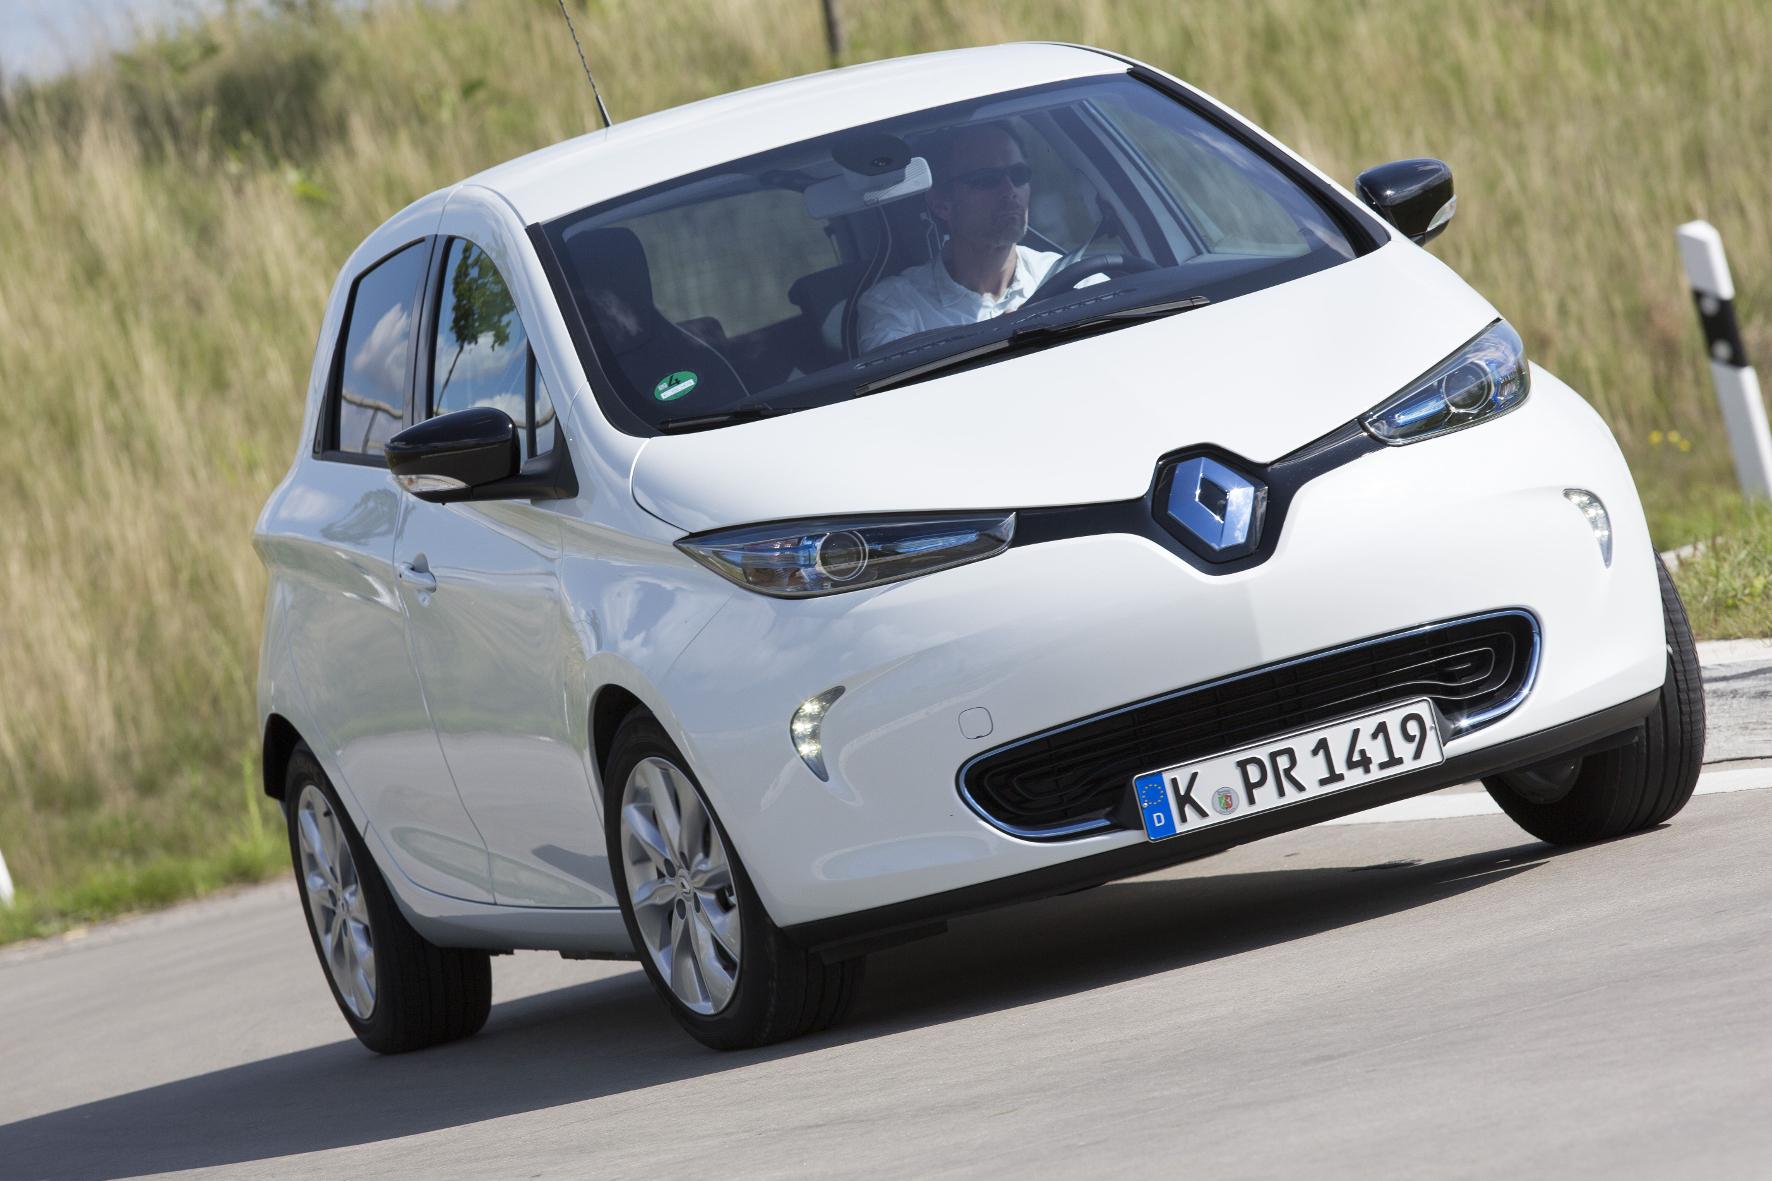 mid Groß-Gerau - Renault unter Strom: Die Franzosen sind Partner des europäischen Schnellladeprojekts Fast-E.